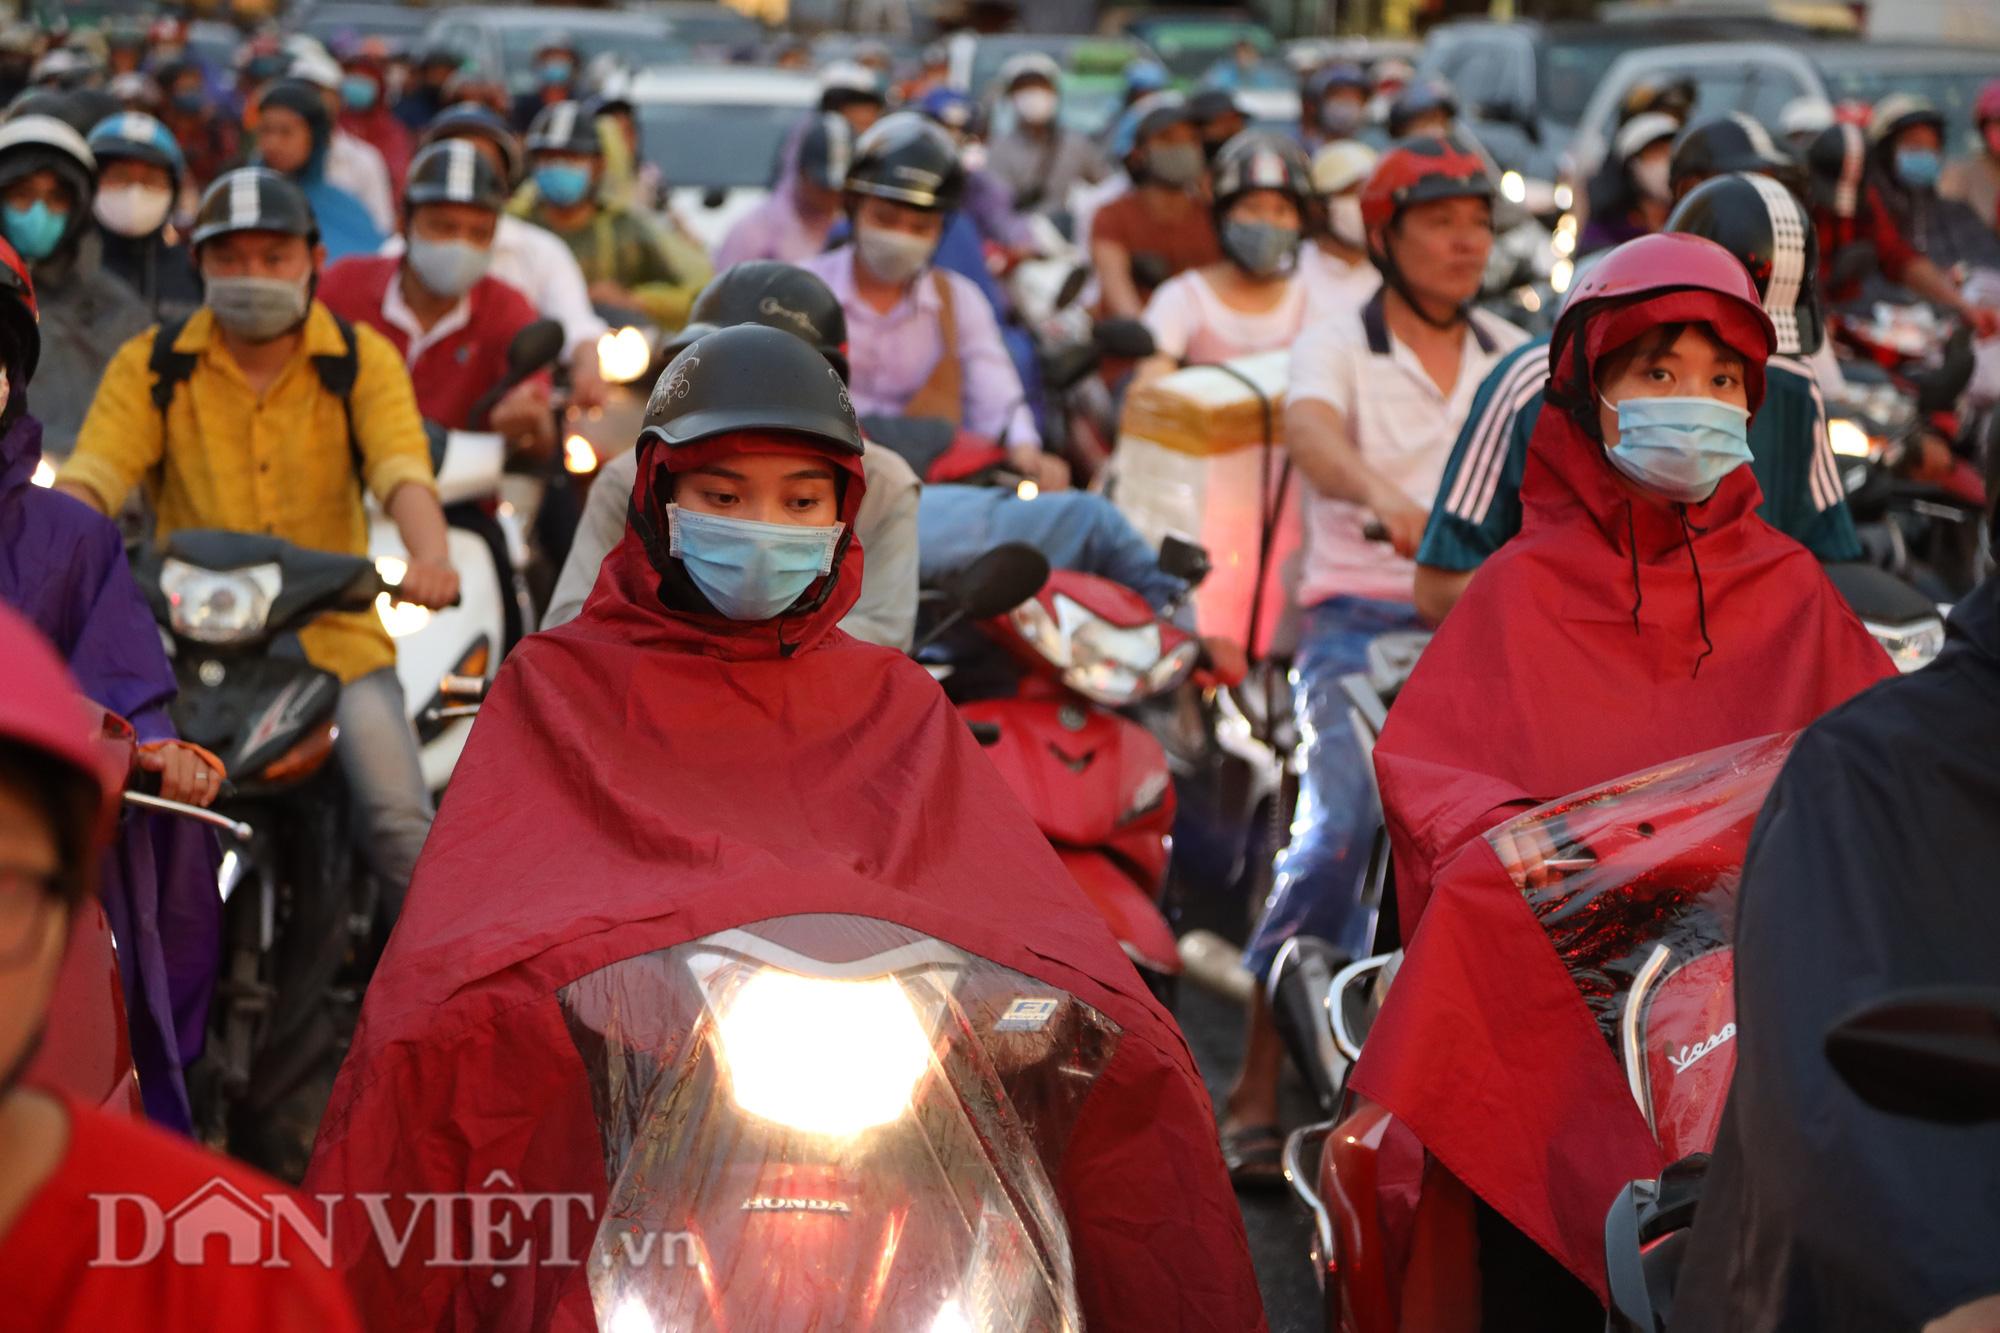 Hà Nội giảm 10 độ sau cơn mưa vàng - Ảnh 9.